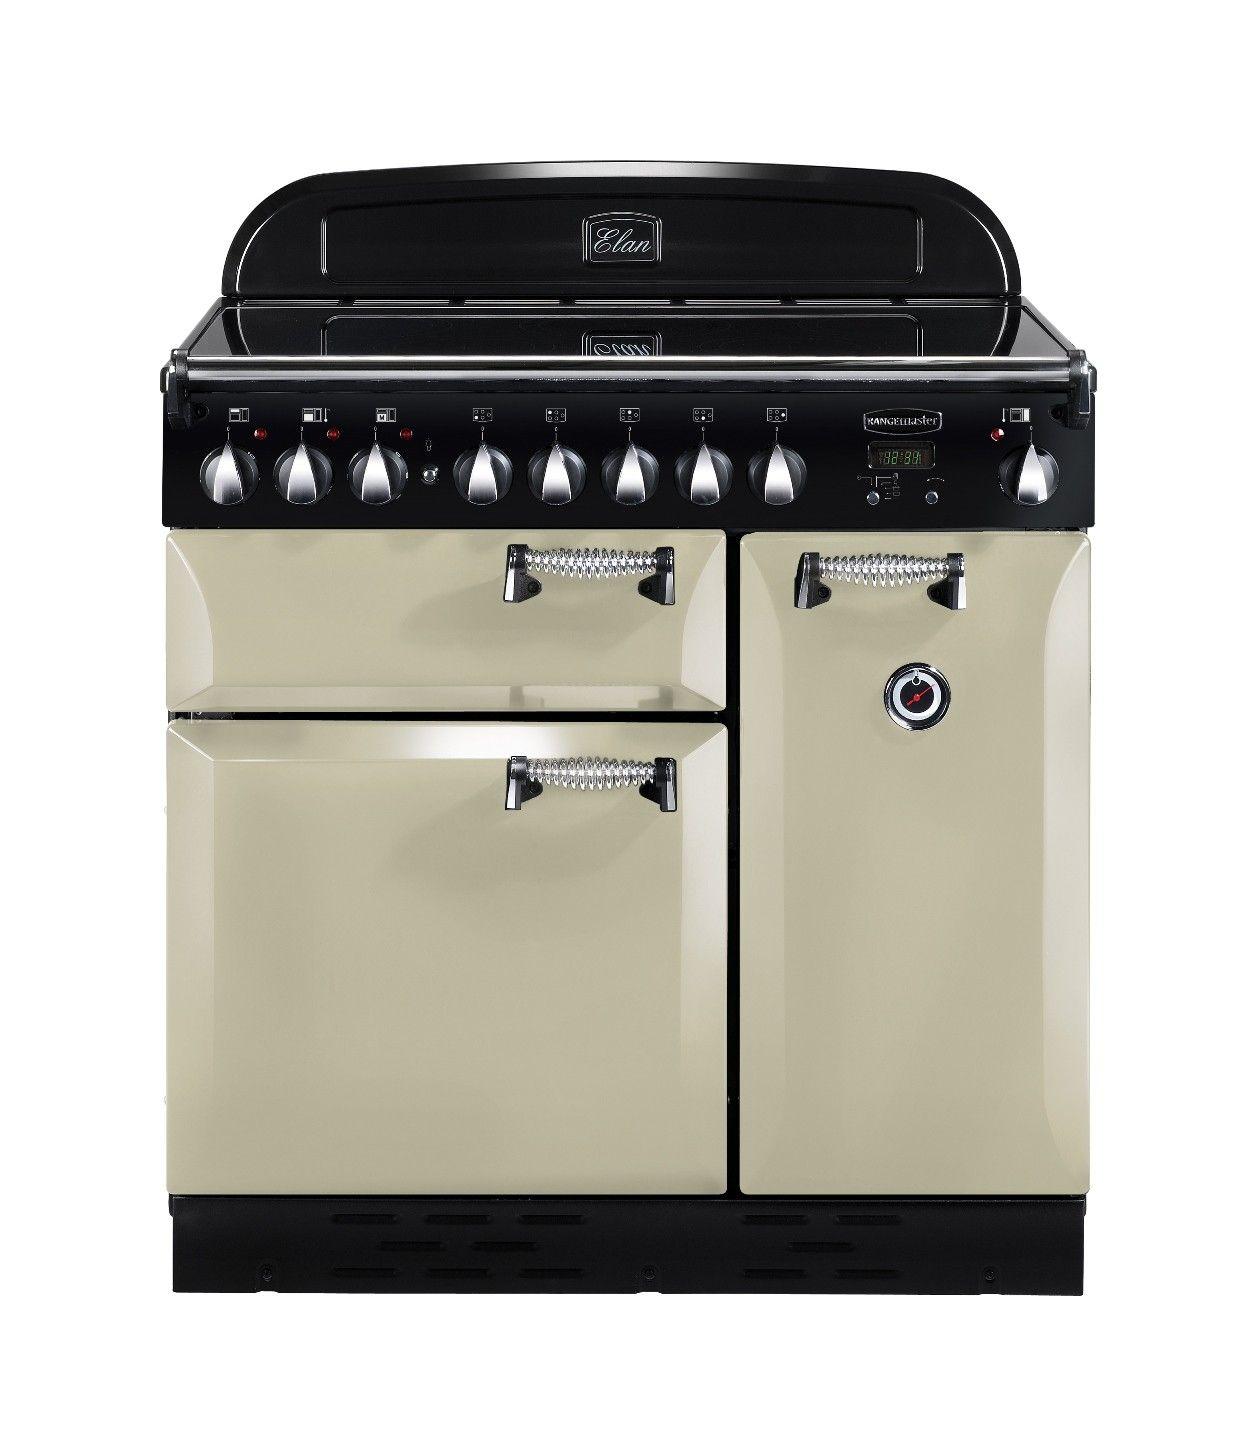 Elan Induction Cream Range Cooker - Cuisiniere electrique four chaleur tournante pour idees de deco de cuisine